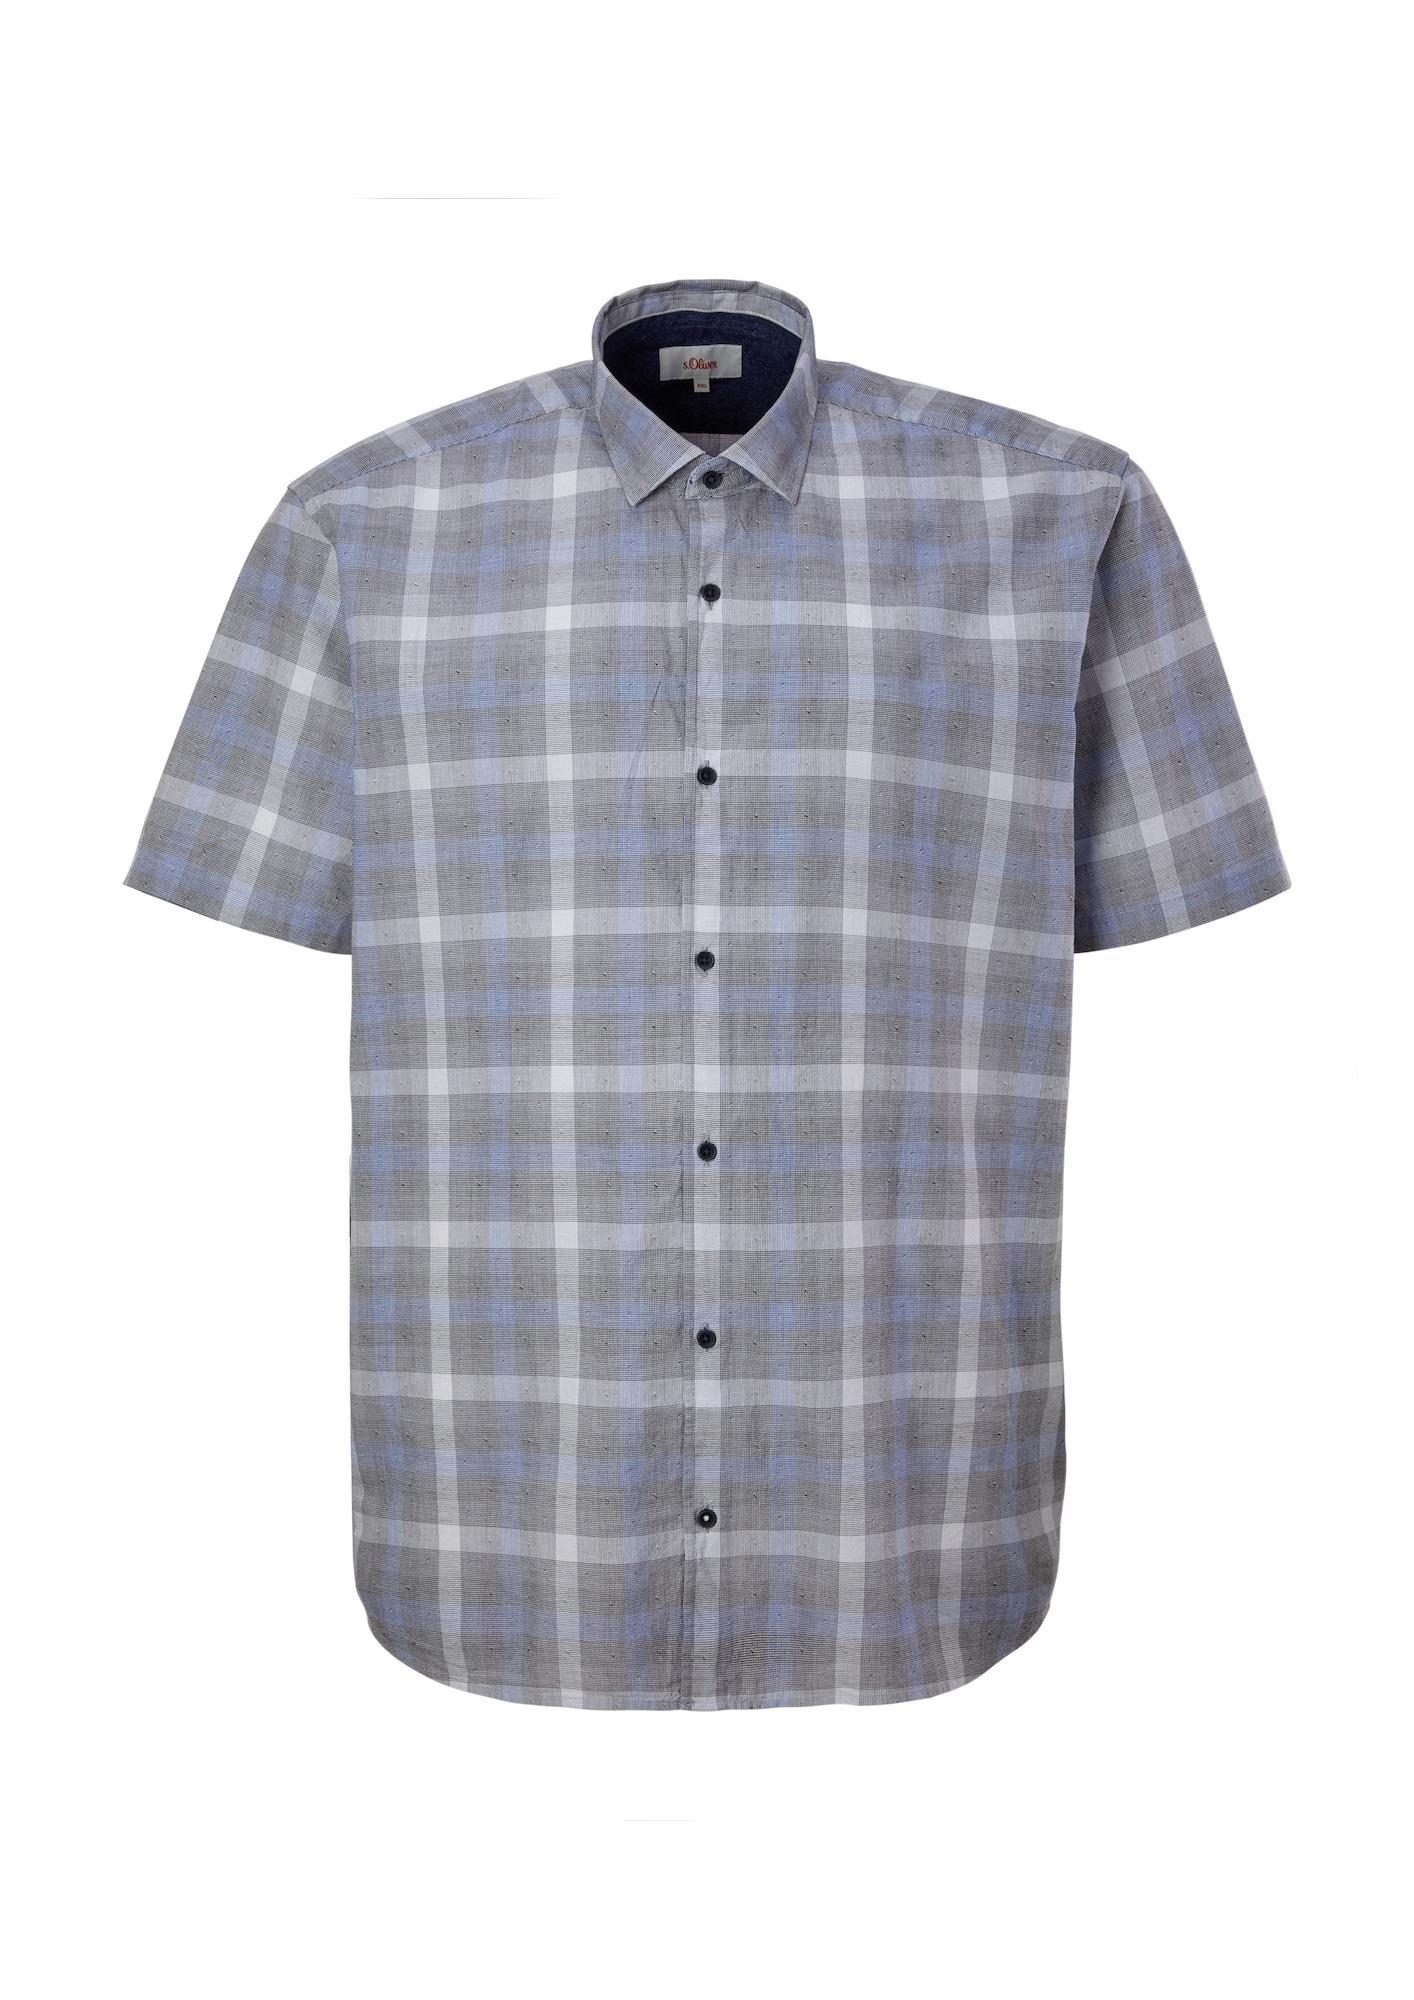 s.Oliver Red Label Big & Tall Marškiniai šviesiai pilka / šviesiai mėlyna